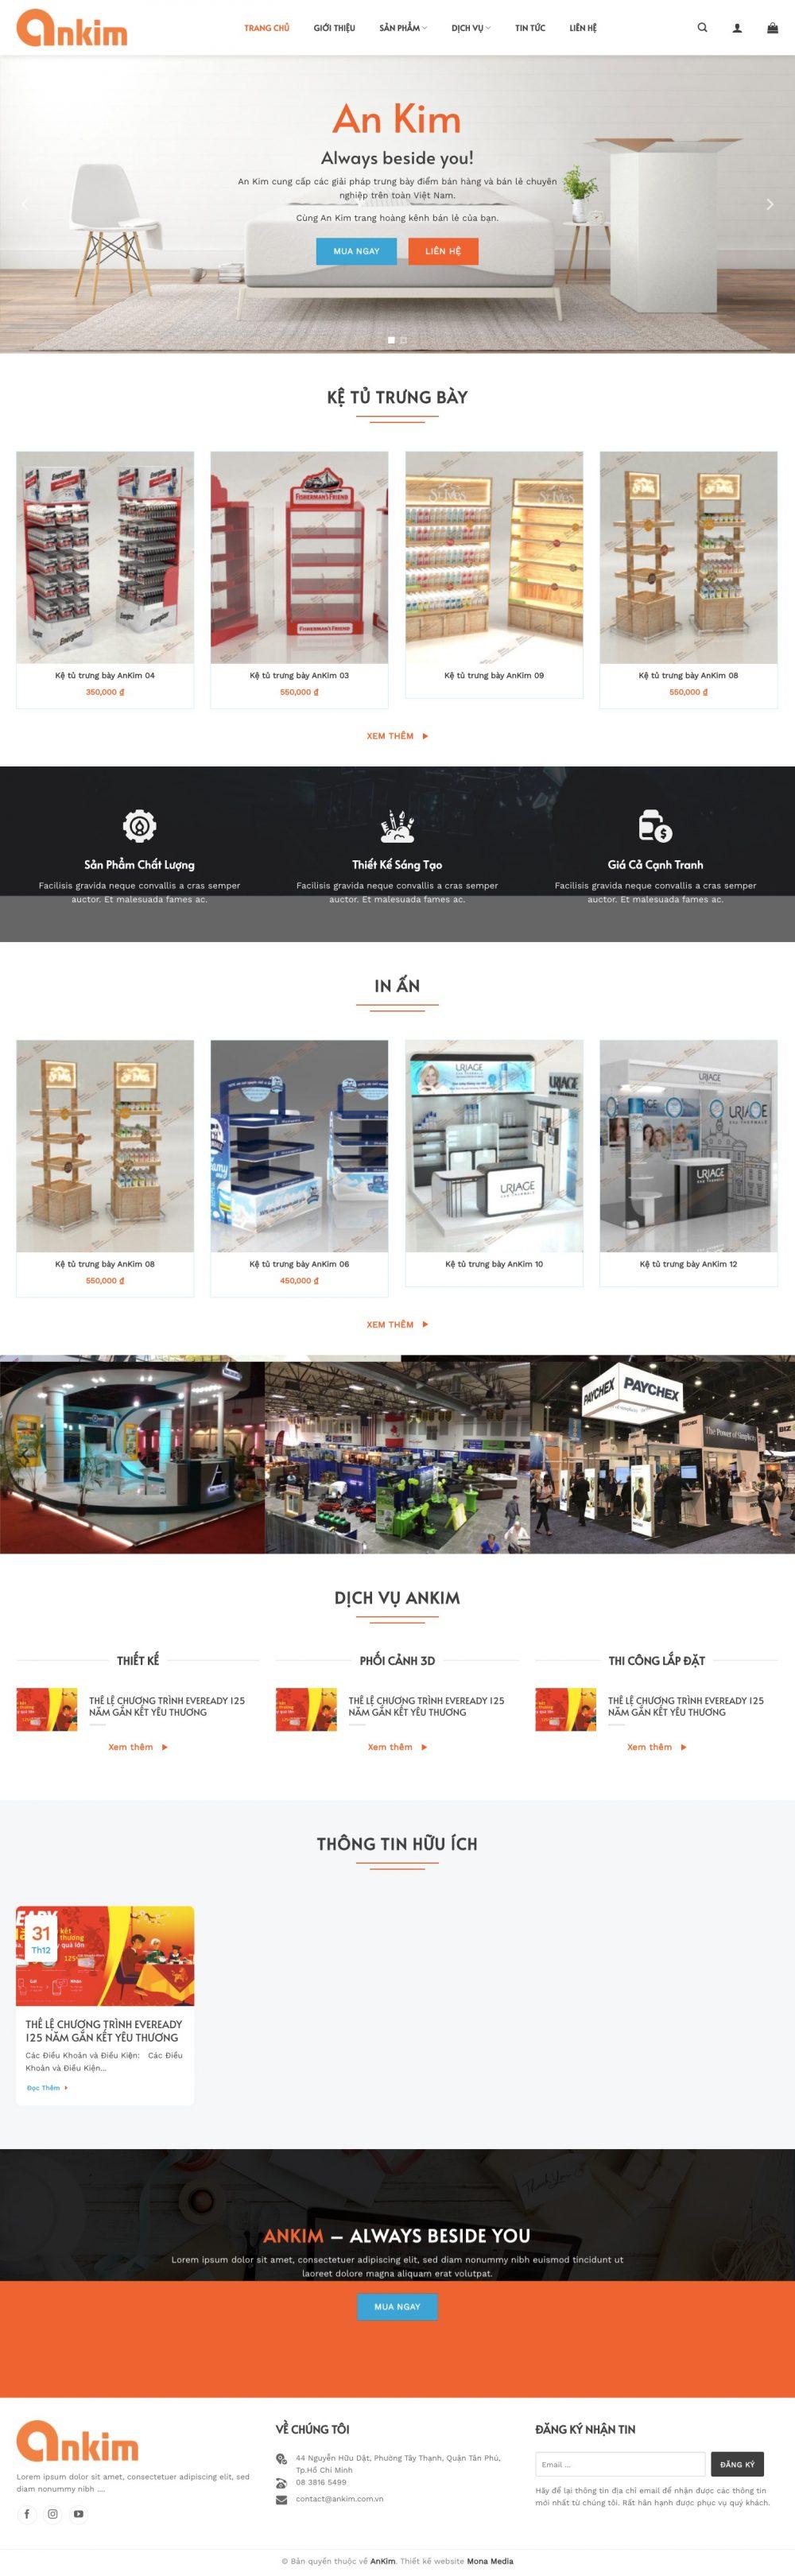 AN KIM – Cung cấp vật dụng trưng bày bán hàng